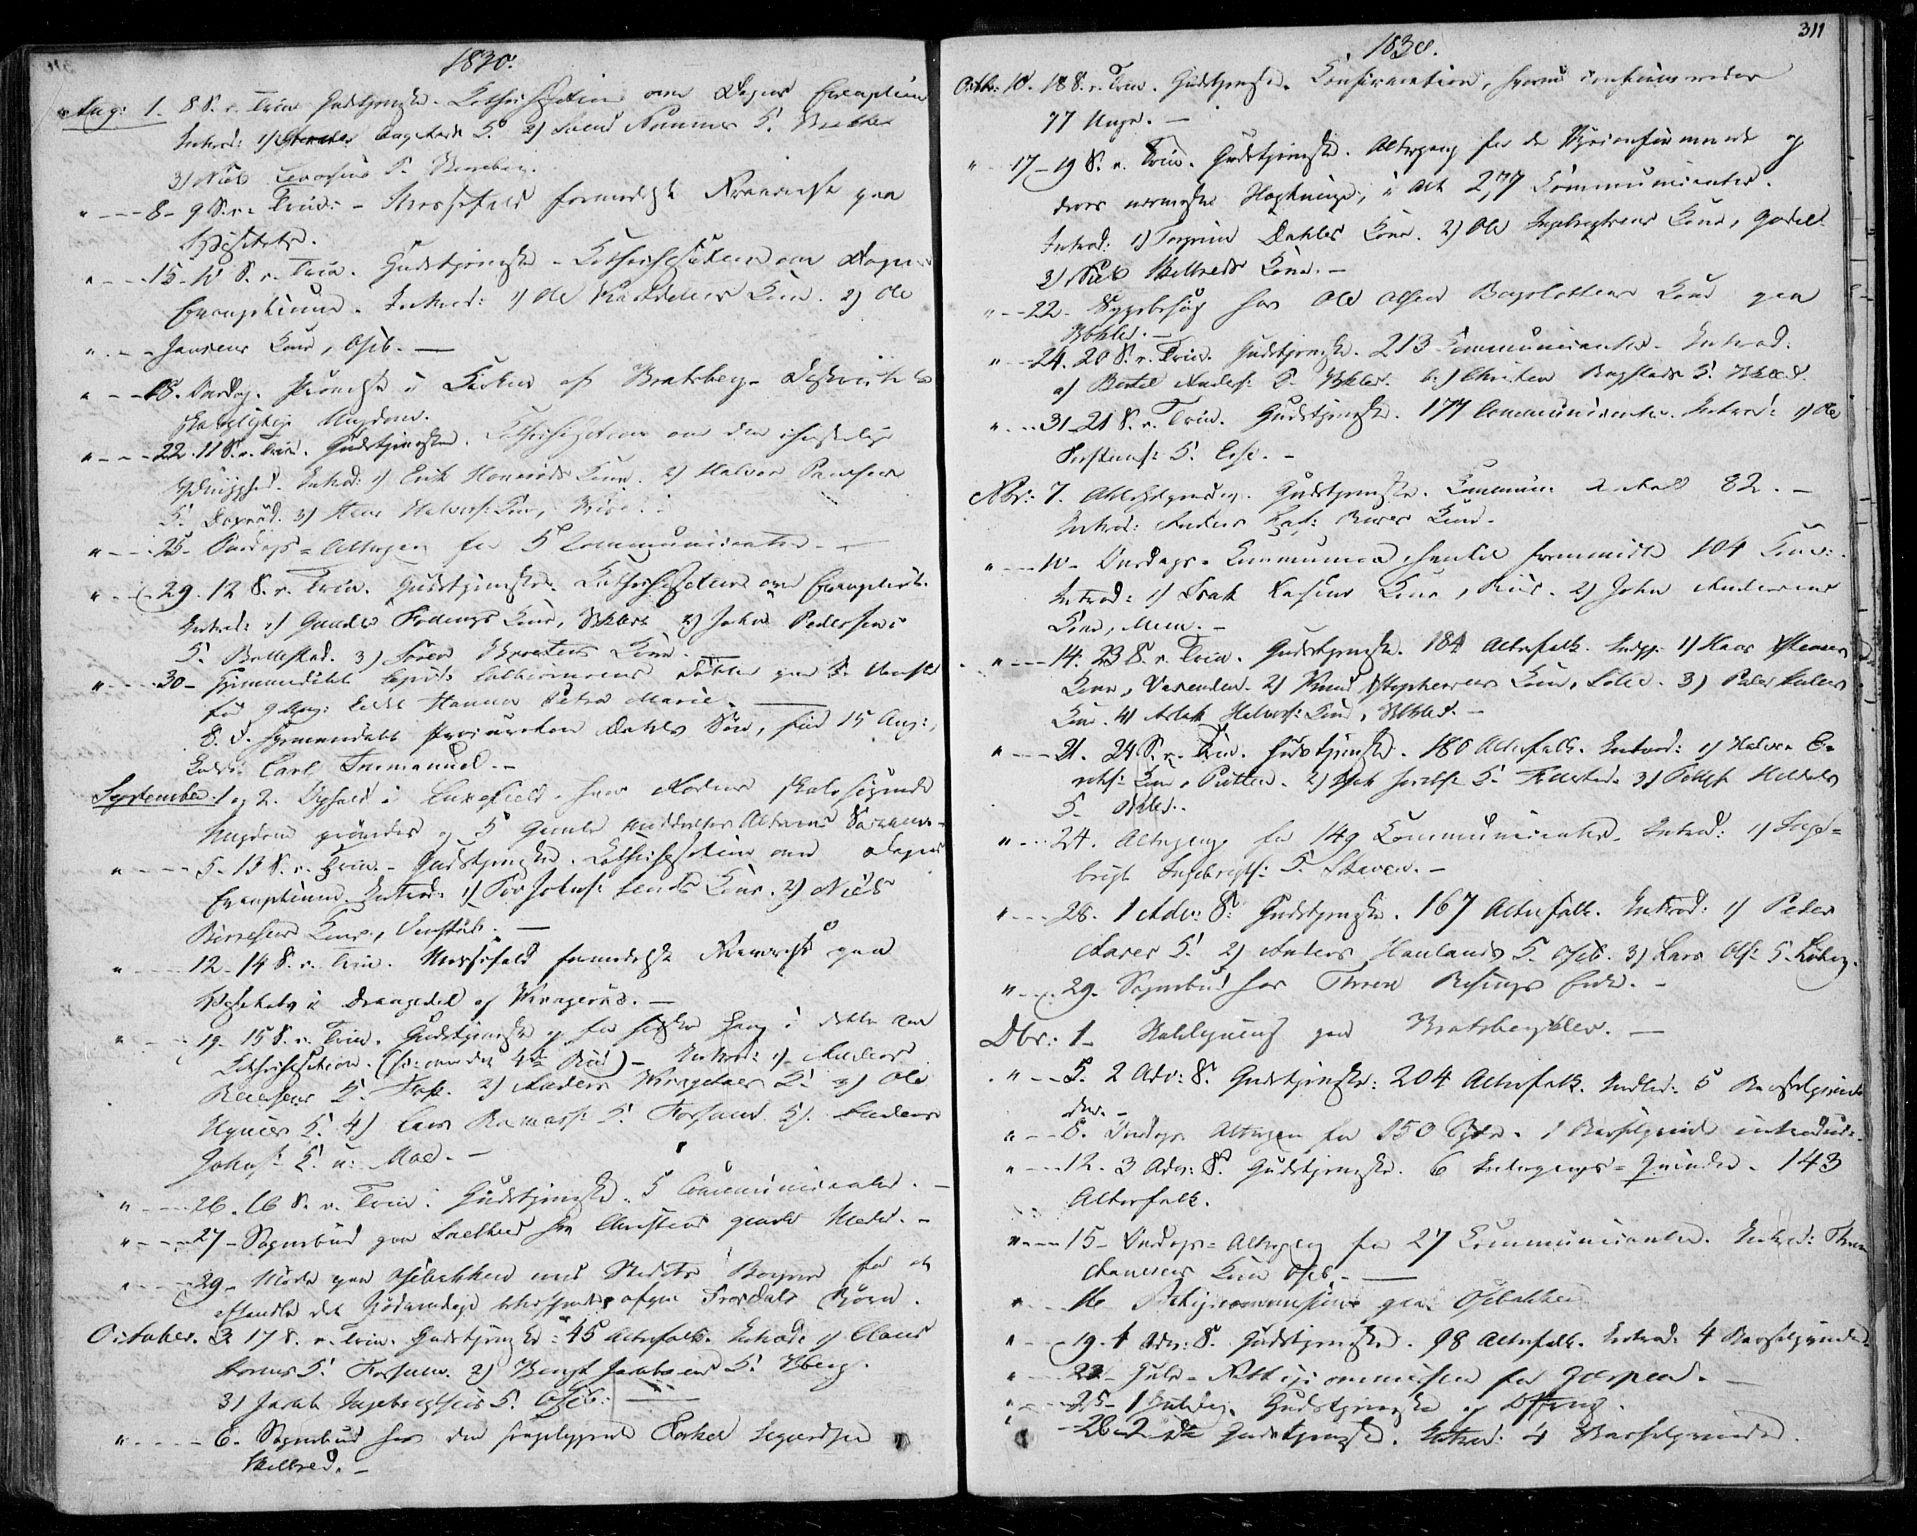 SAKO, Gjerpen kirkebøker, F/Fa/L0006: Ministerialbok nr. 6, 1829-1834, s. 311